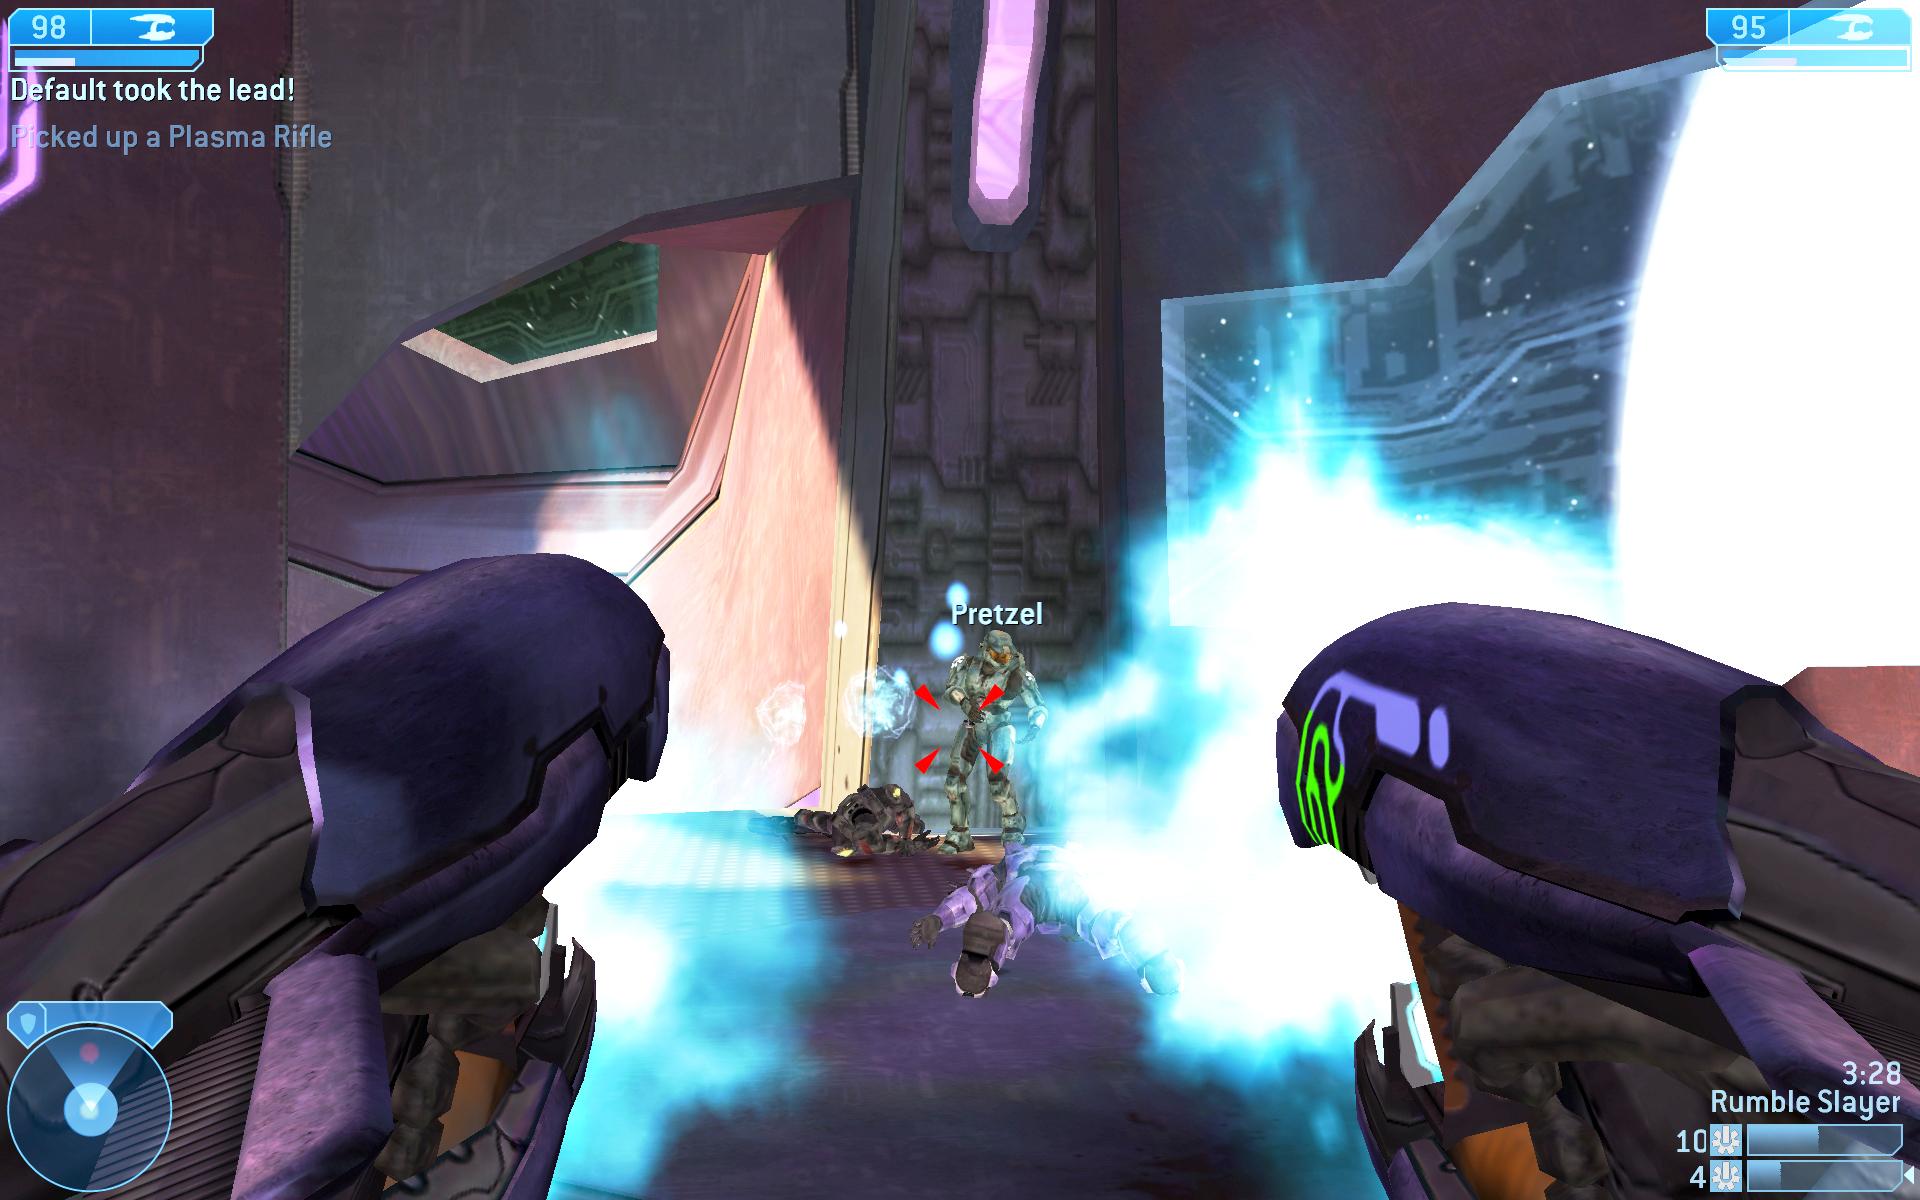 Из игры Halo 2 Обои, картинки и скриншоты (скрины, screenshots